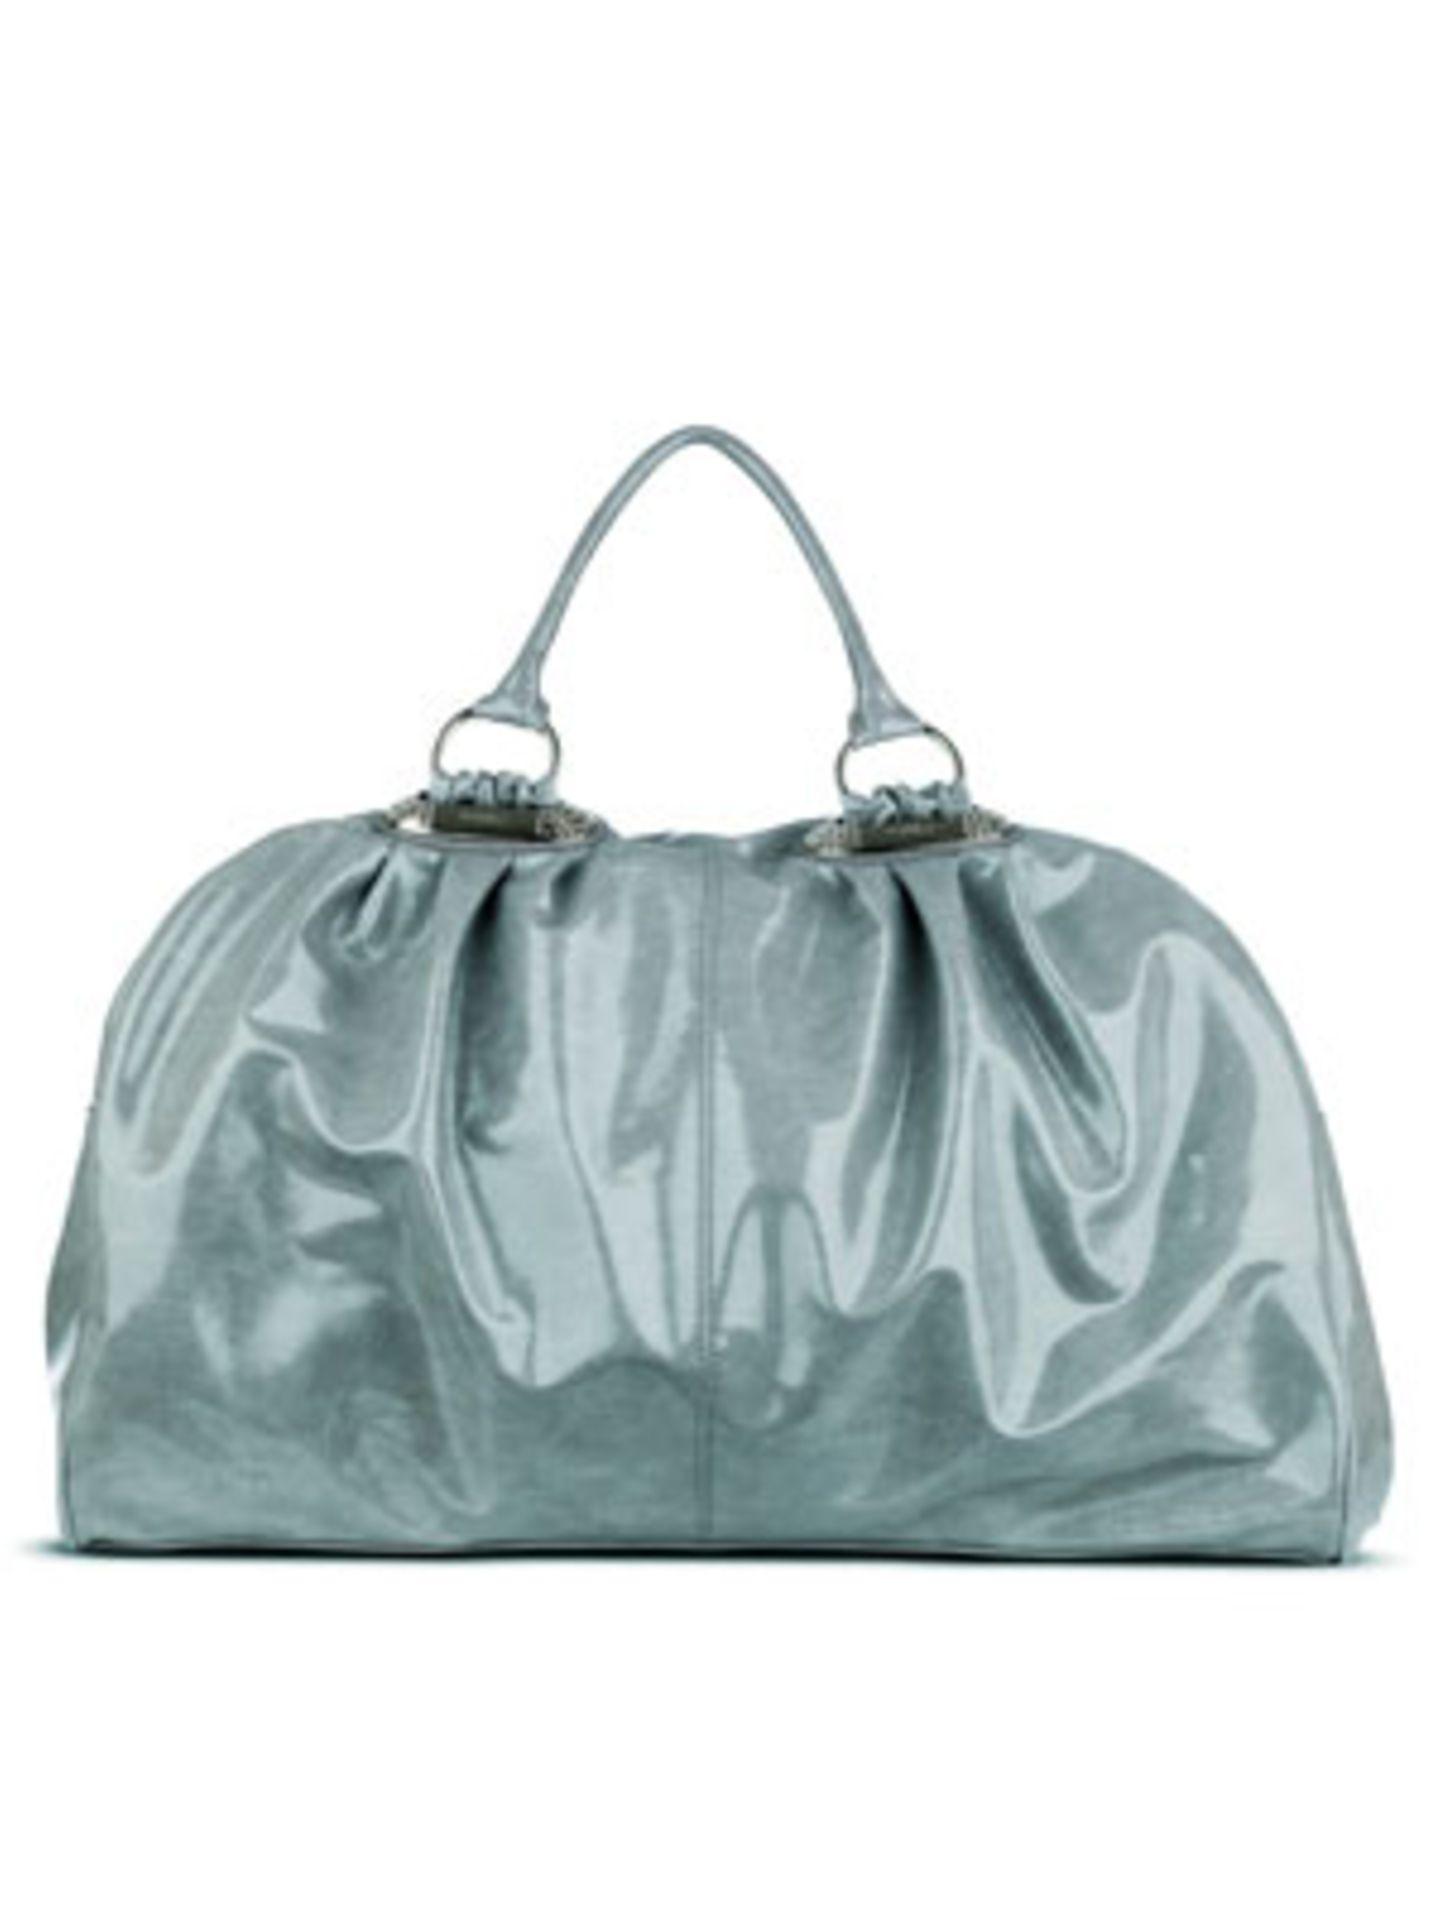 Perfekt für ein verlängertes Wochenende mit Freunden: Schicke Reisetasche im Metallic-Look von Fiorelli, um 110 Euro.